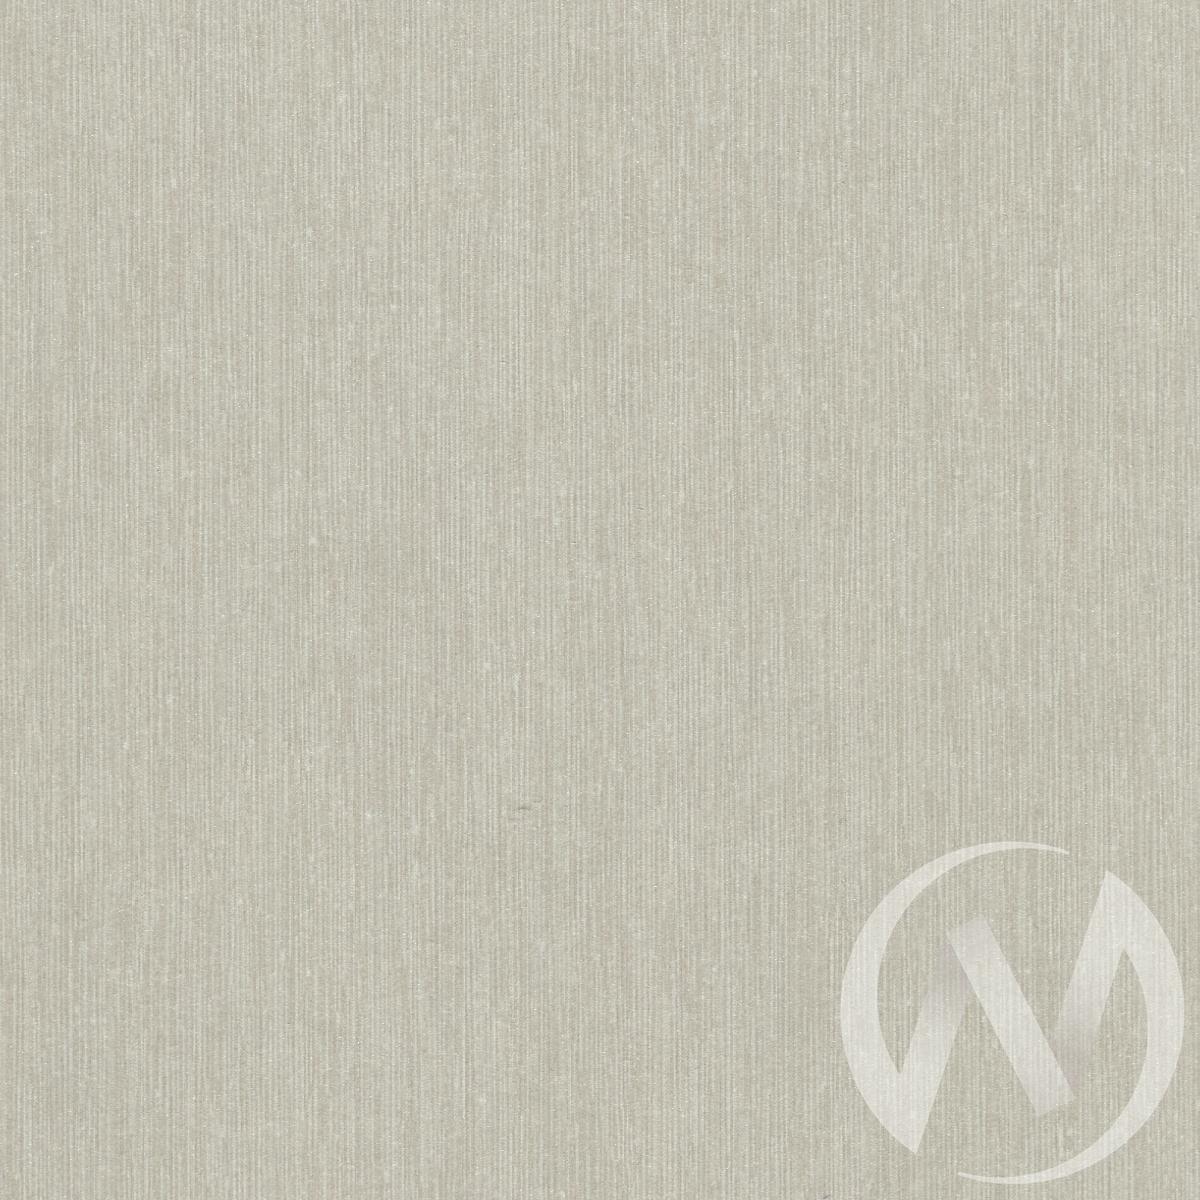 СТ-400 Столешница 400*600*26 (№143а бежевый металл)  в Томске — интернет магазин МИРА-мебель